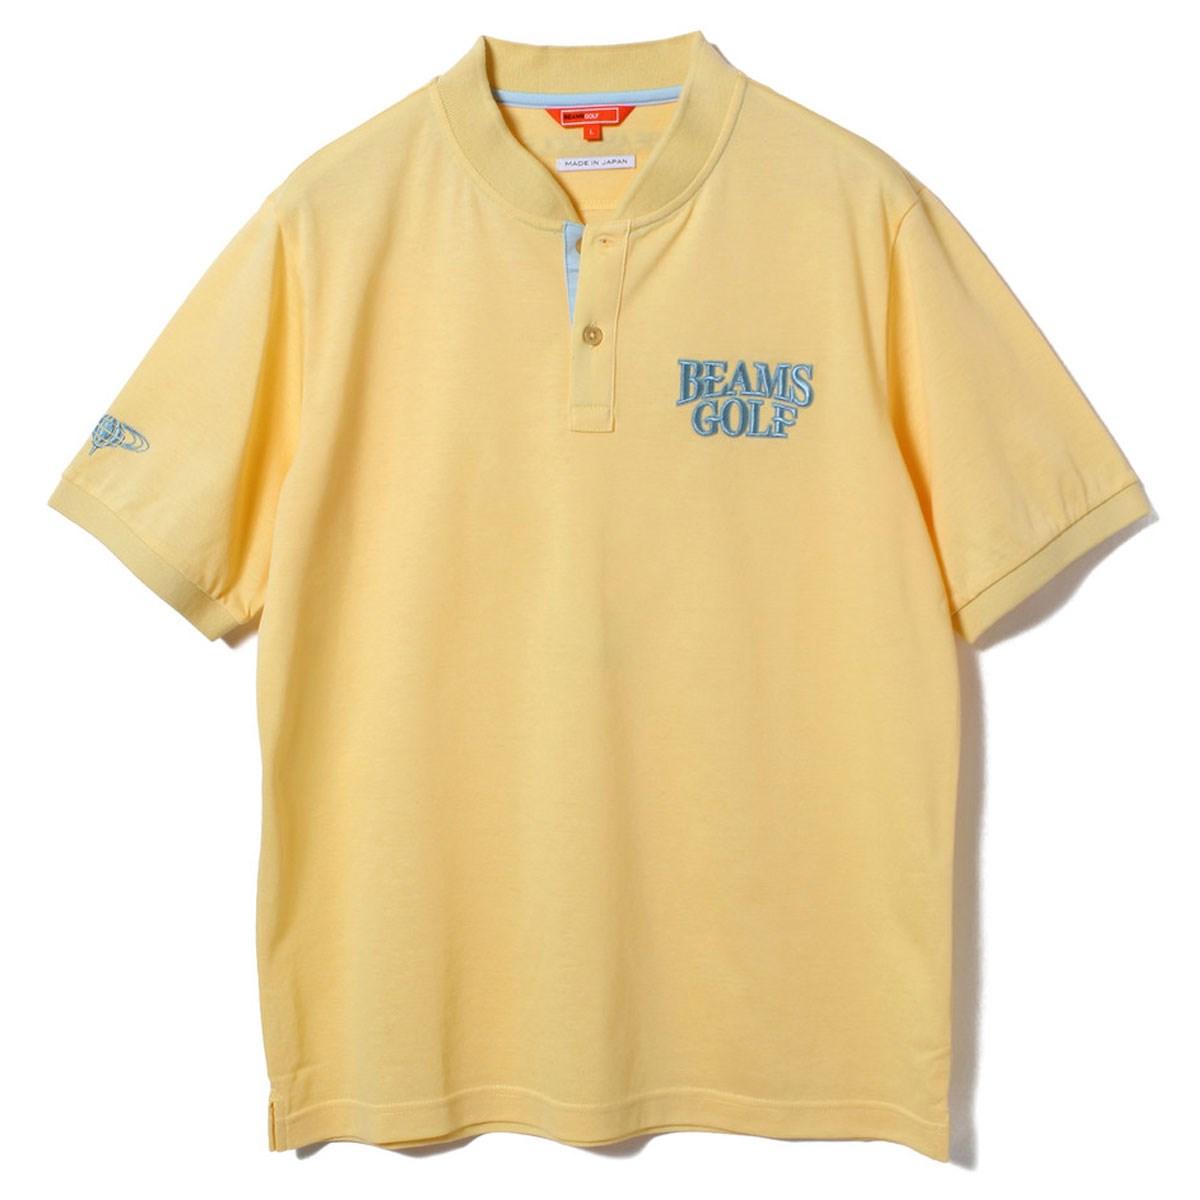 ビームスゴルフ BEAMS GOLF ORANGE LABEL スタンドカラー 鹿の子 ポロシャツ